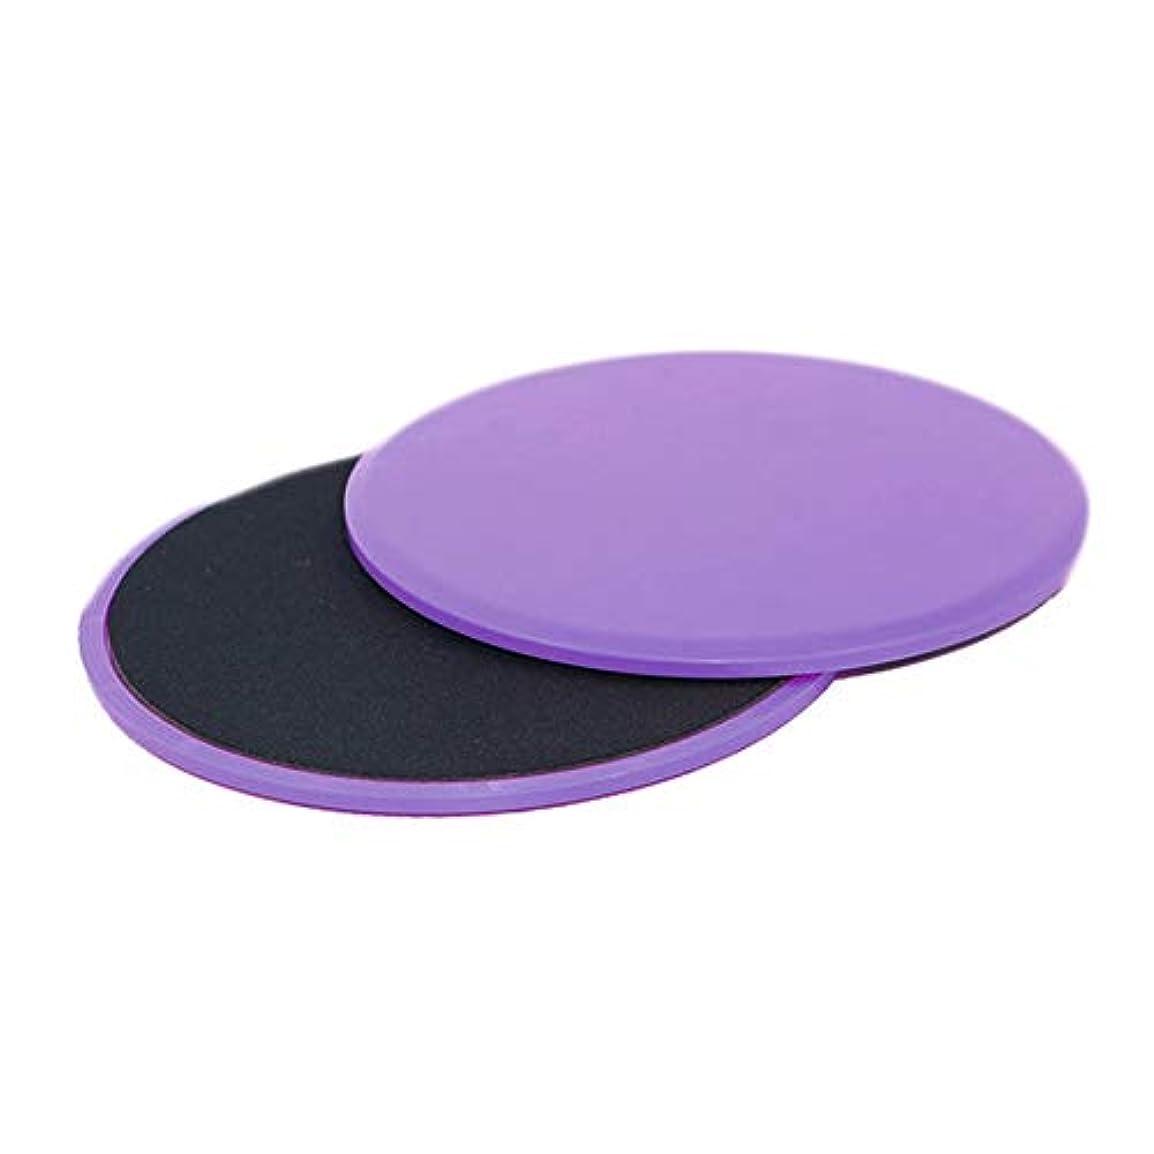 禁止する困ったではごきげんようフィットネススライドグライディングディスク調整能力フィットネスエクササイズスライダーコアトレーニング腹部と全身トレーニング - パープル